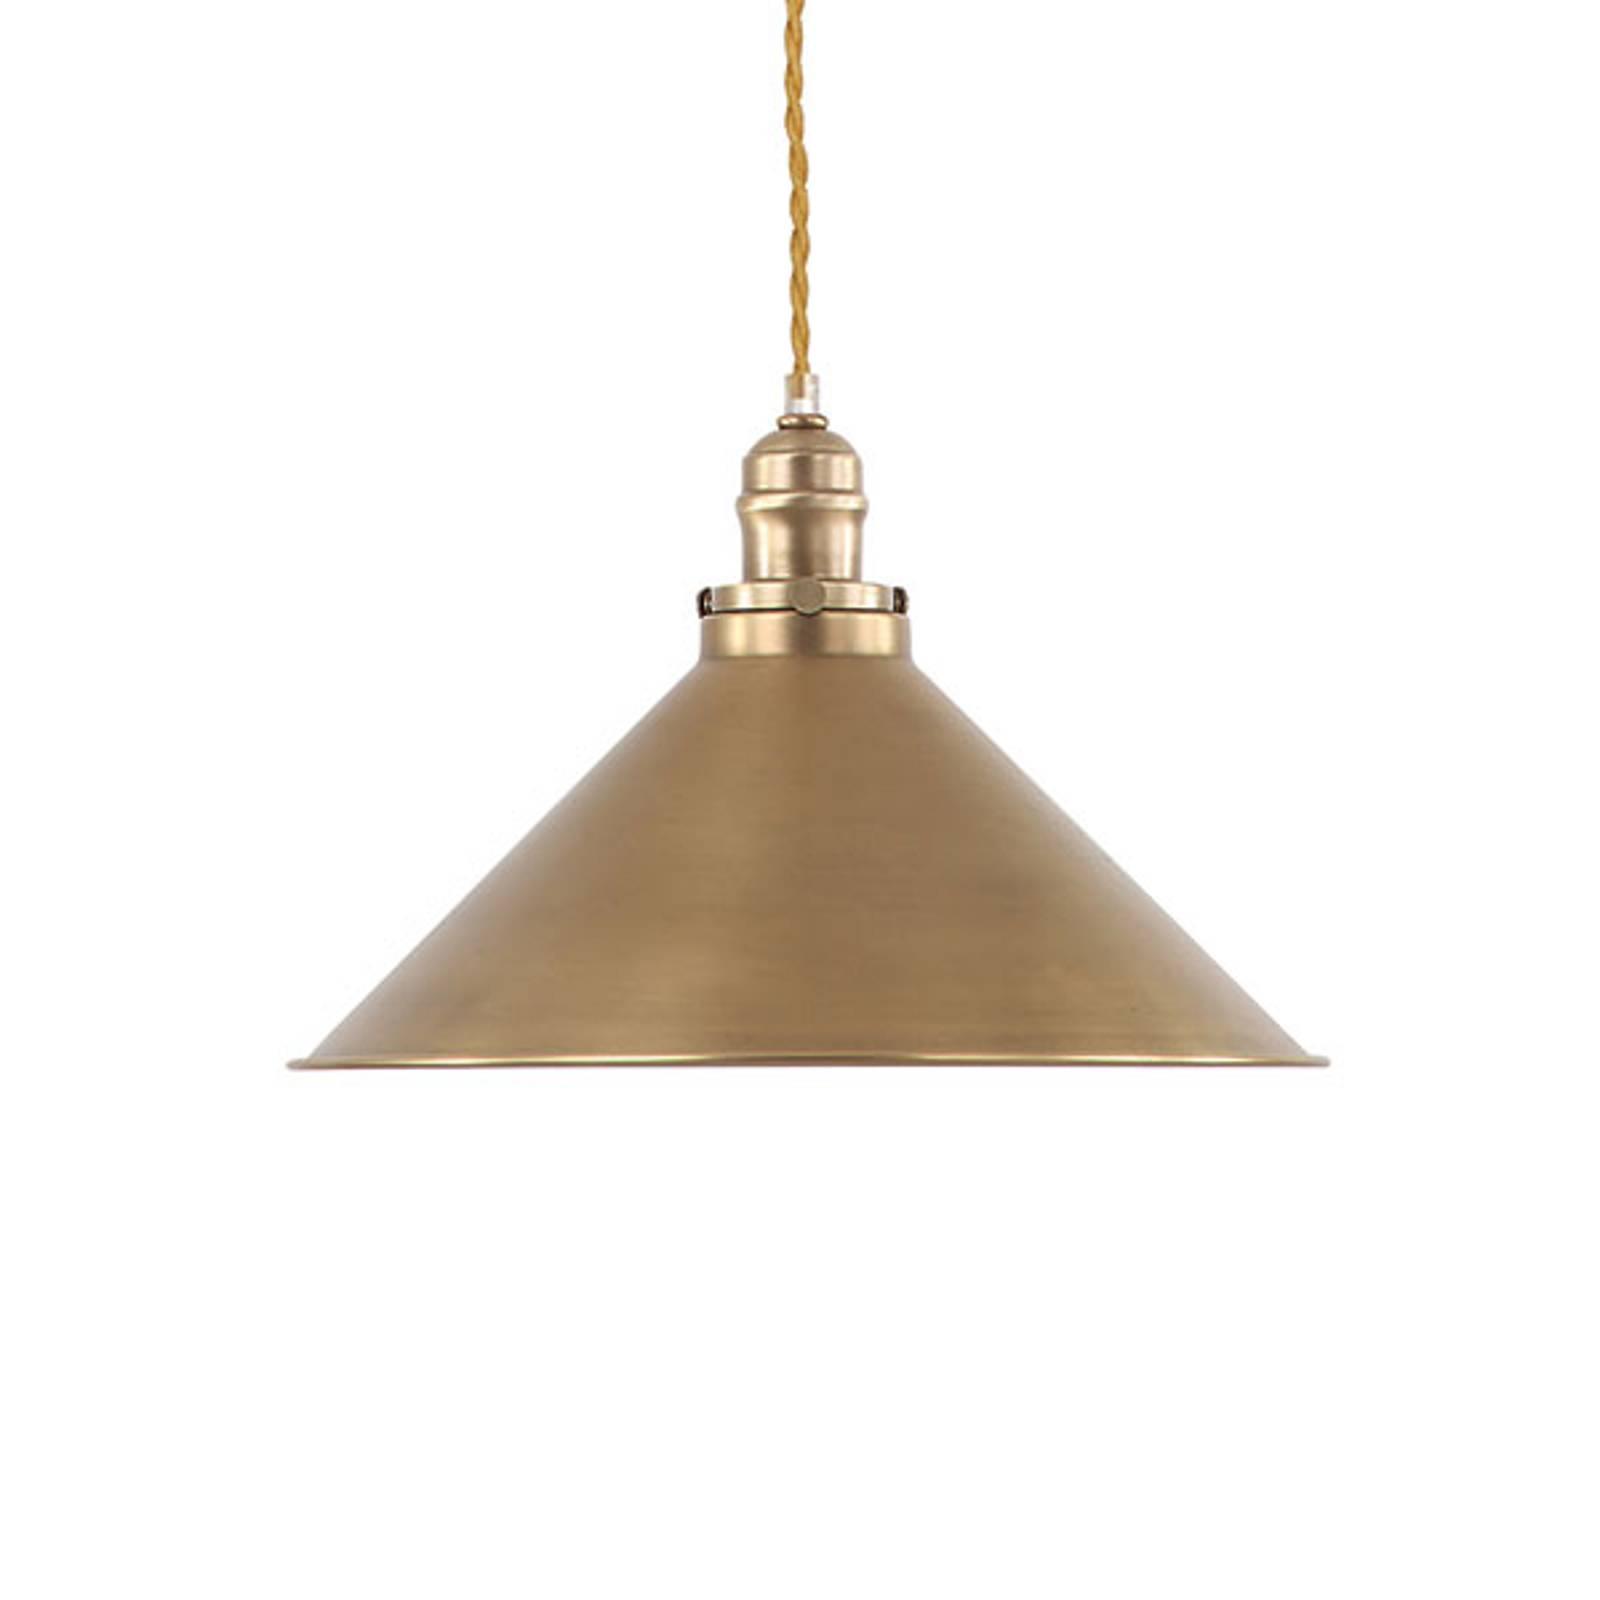 Lampada a sospensione Provence, ottone anticato